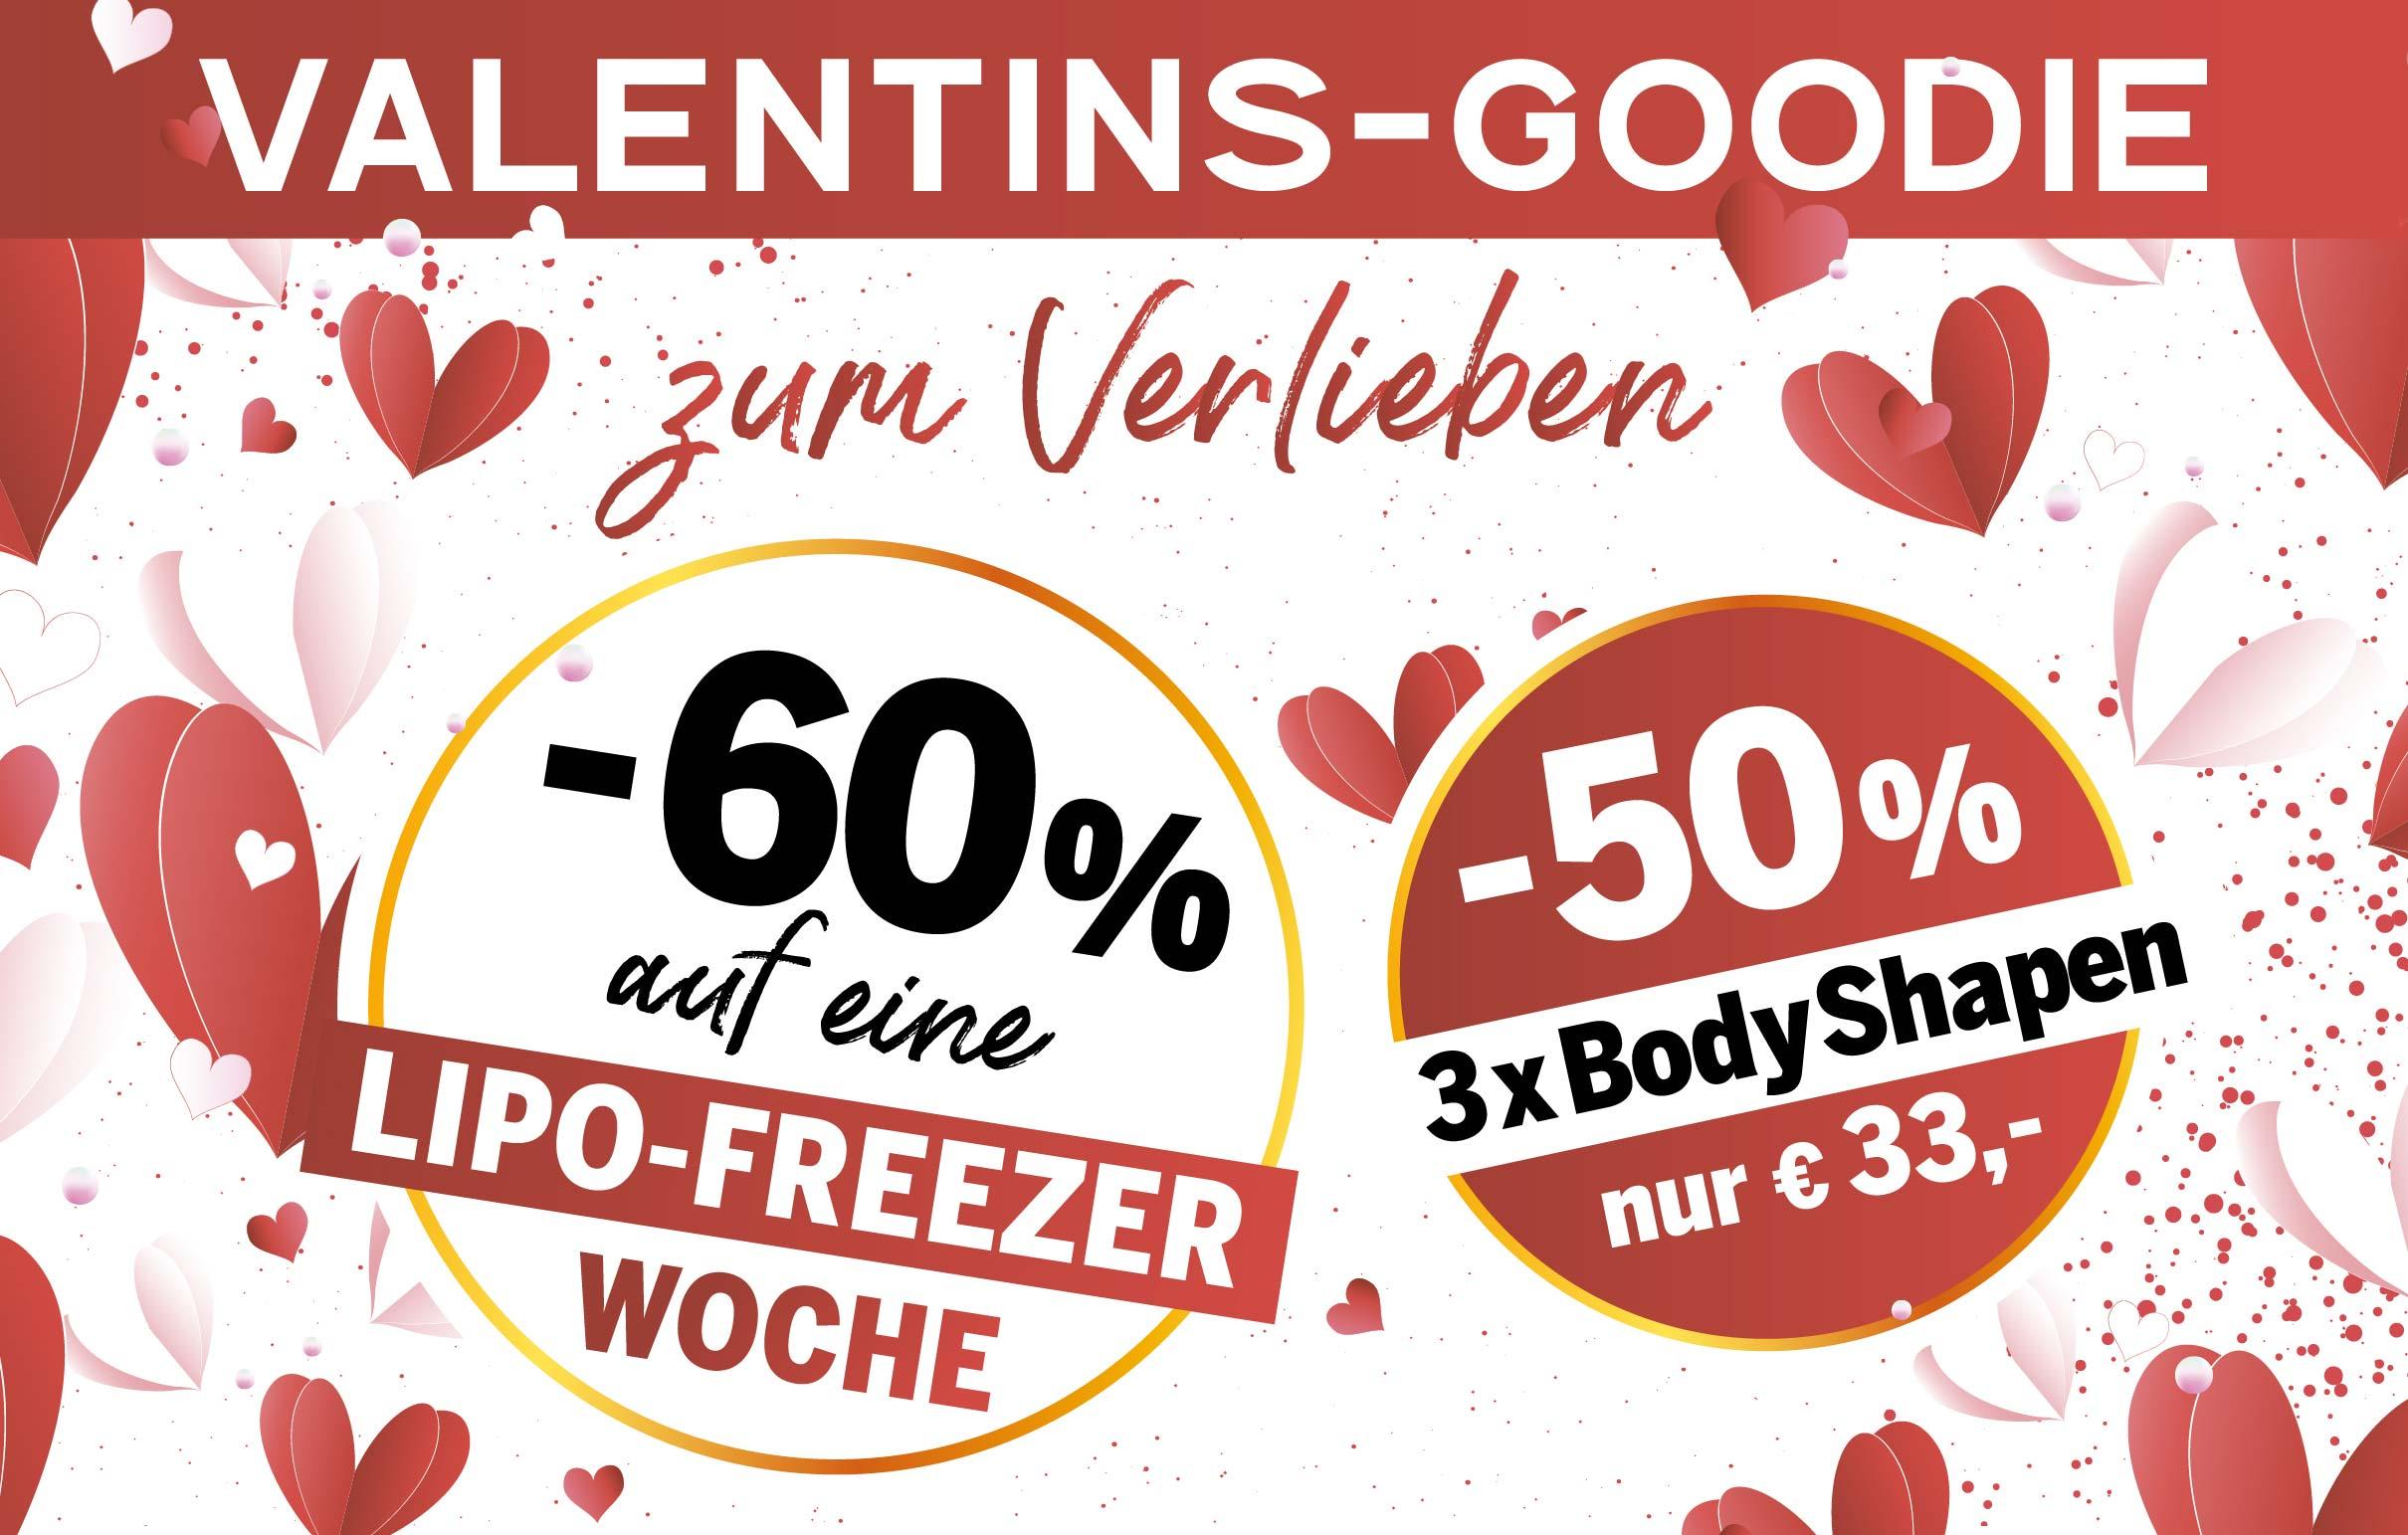 Valentins-Goodie-web